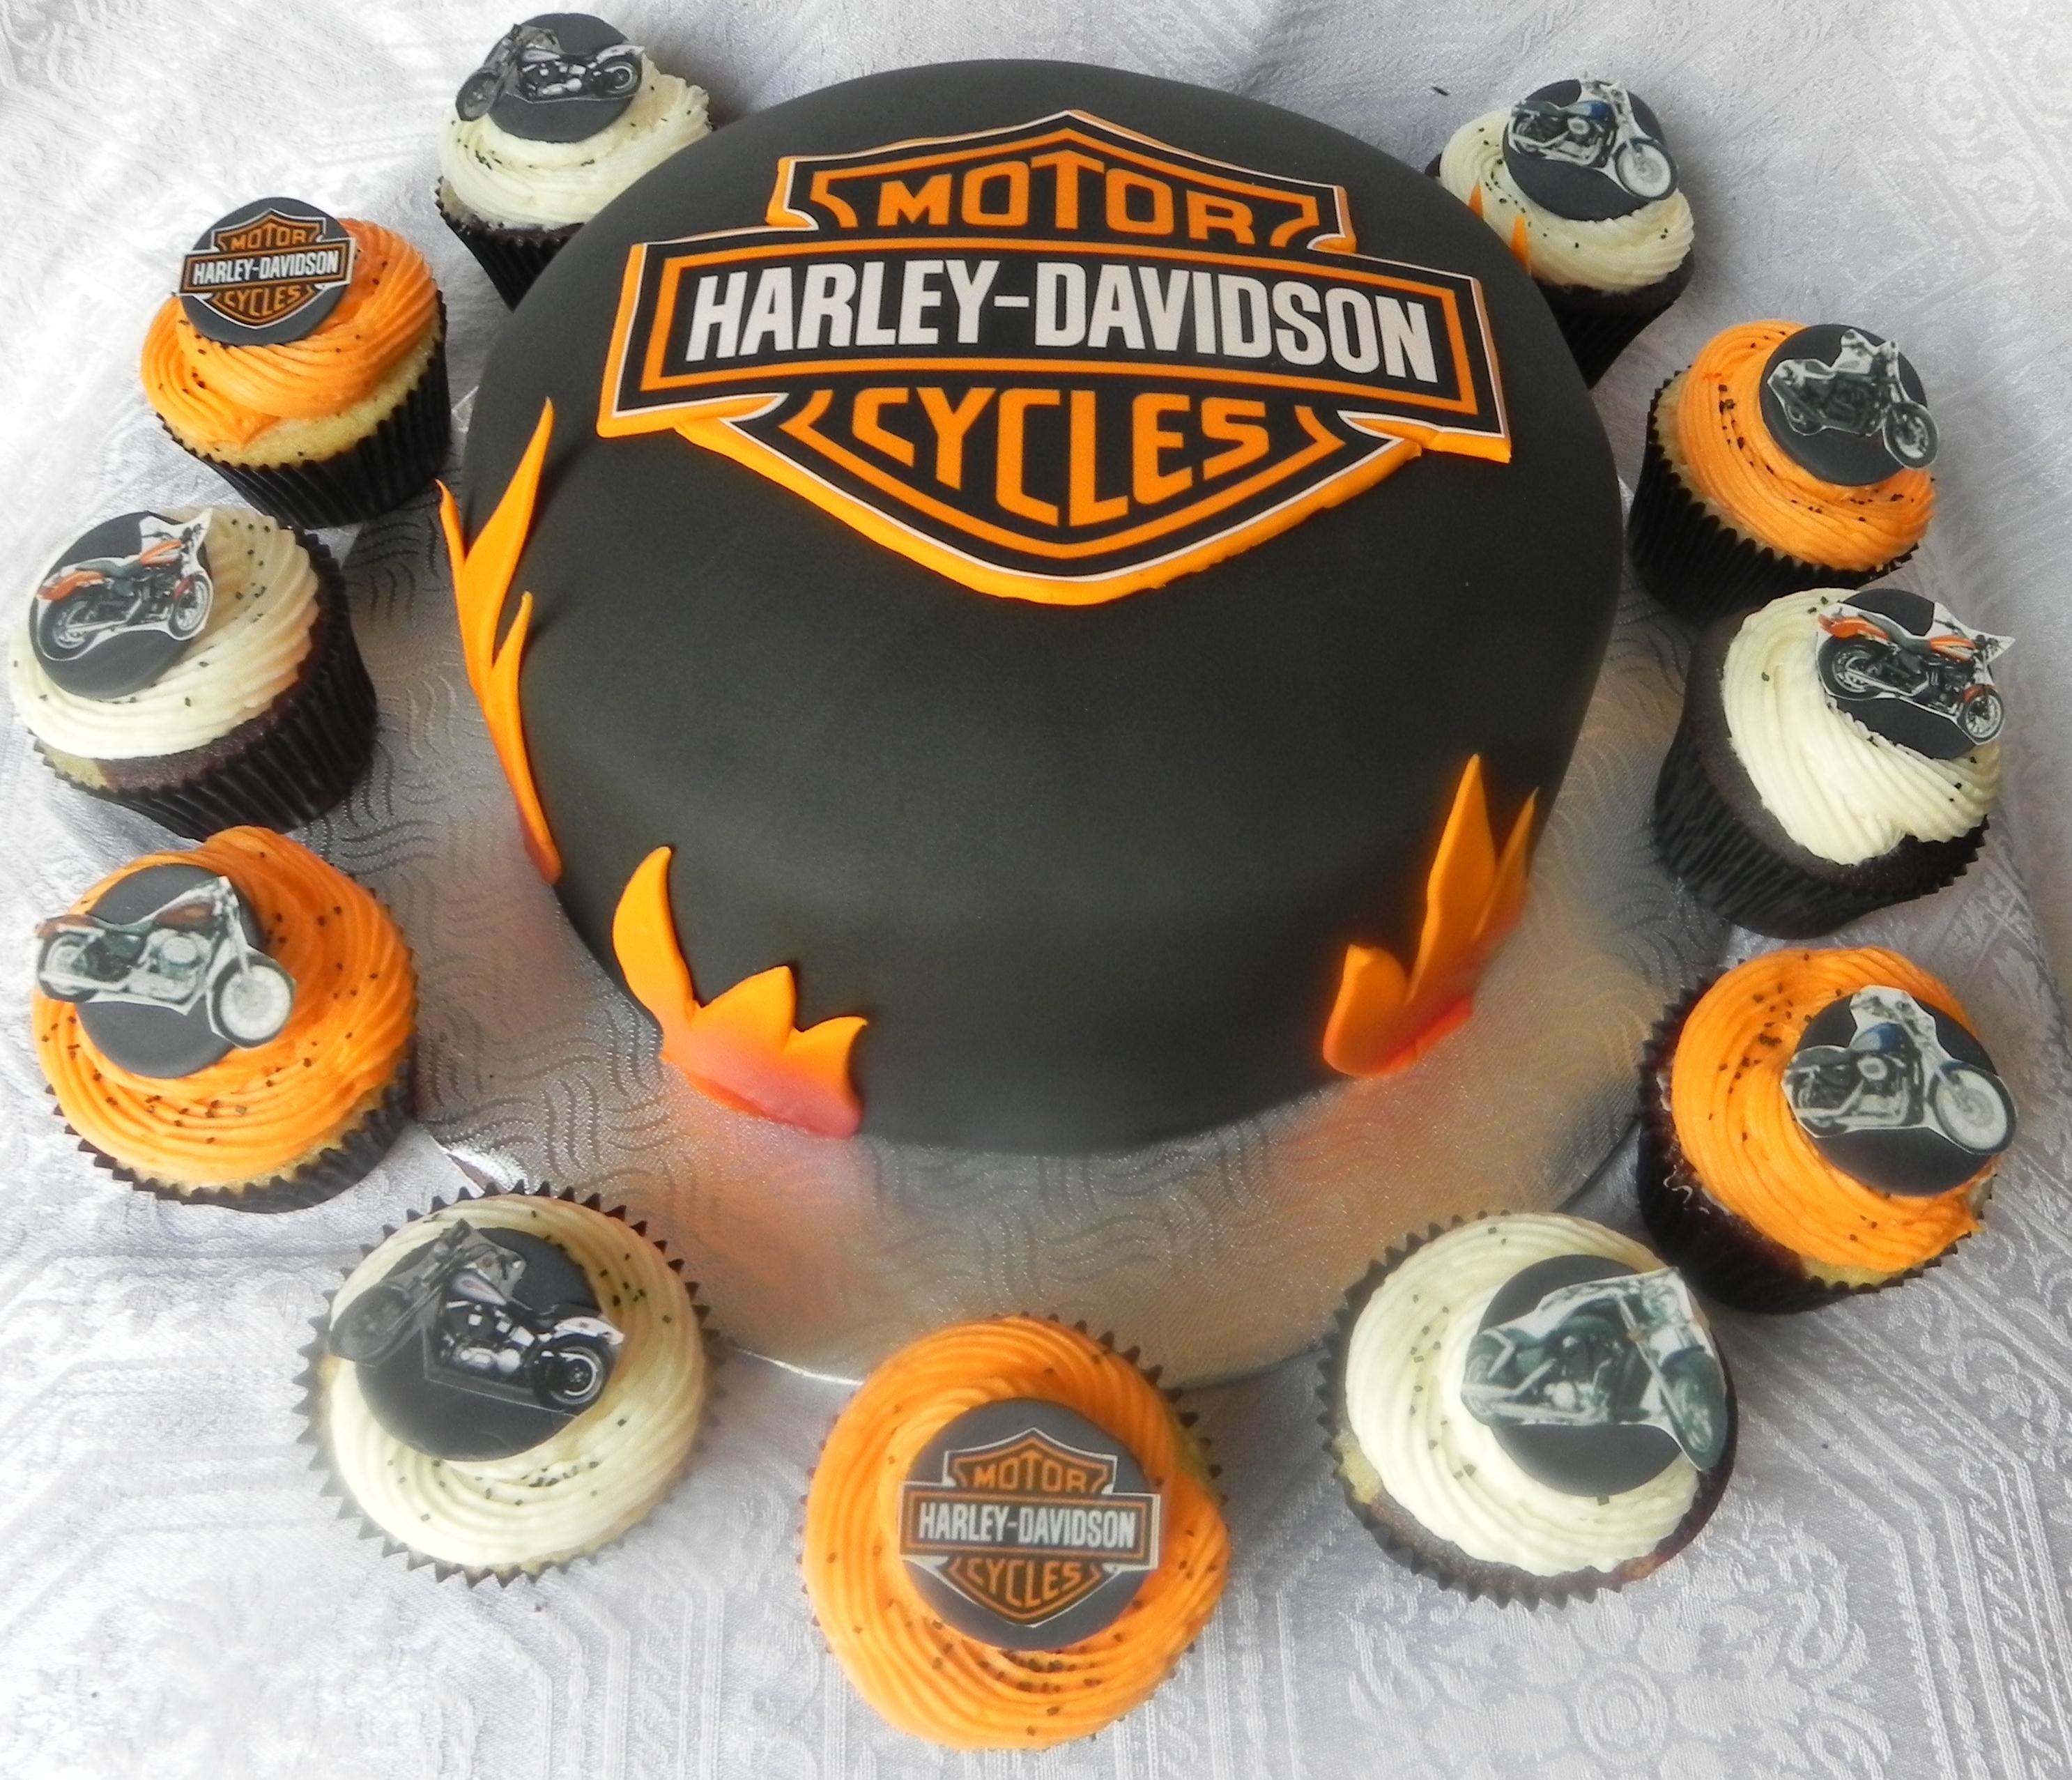 Harley Davidson Cake And Matching Cupcakes Harley Davidson Cake